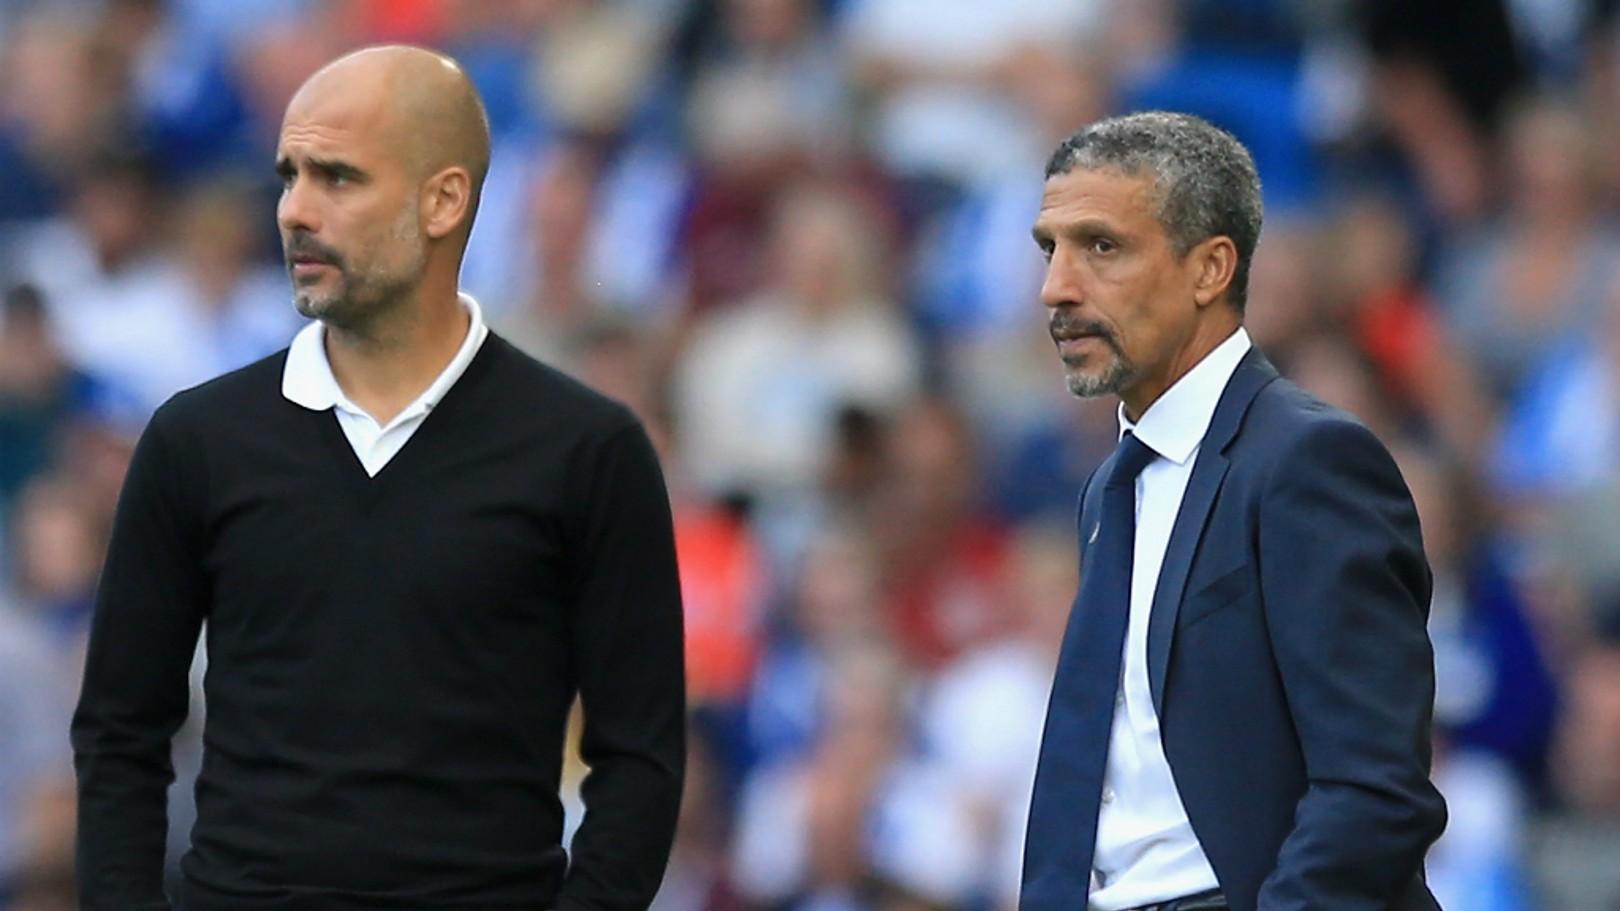 LE BOSS: Pep regarde le match aux côtés du coach de Brighton, Chris Hughton.